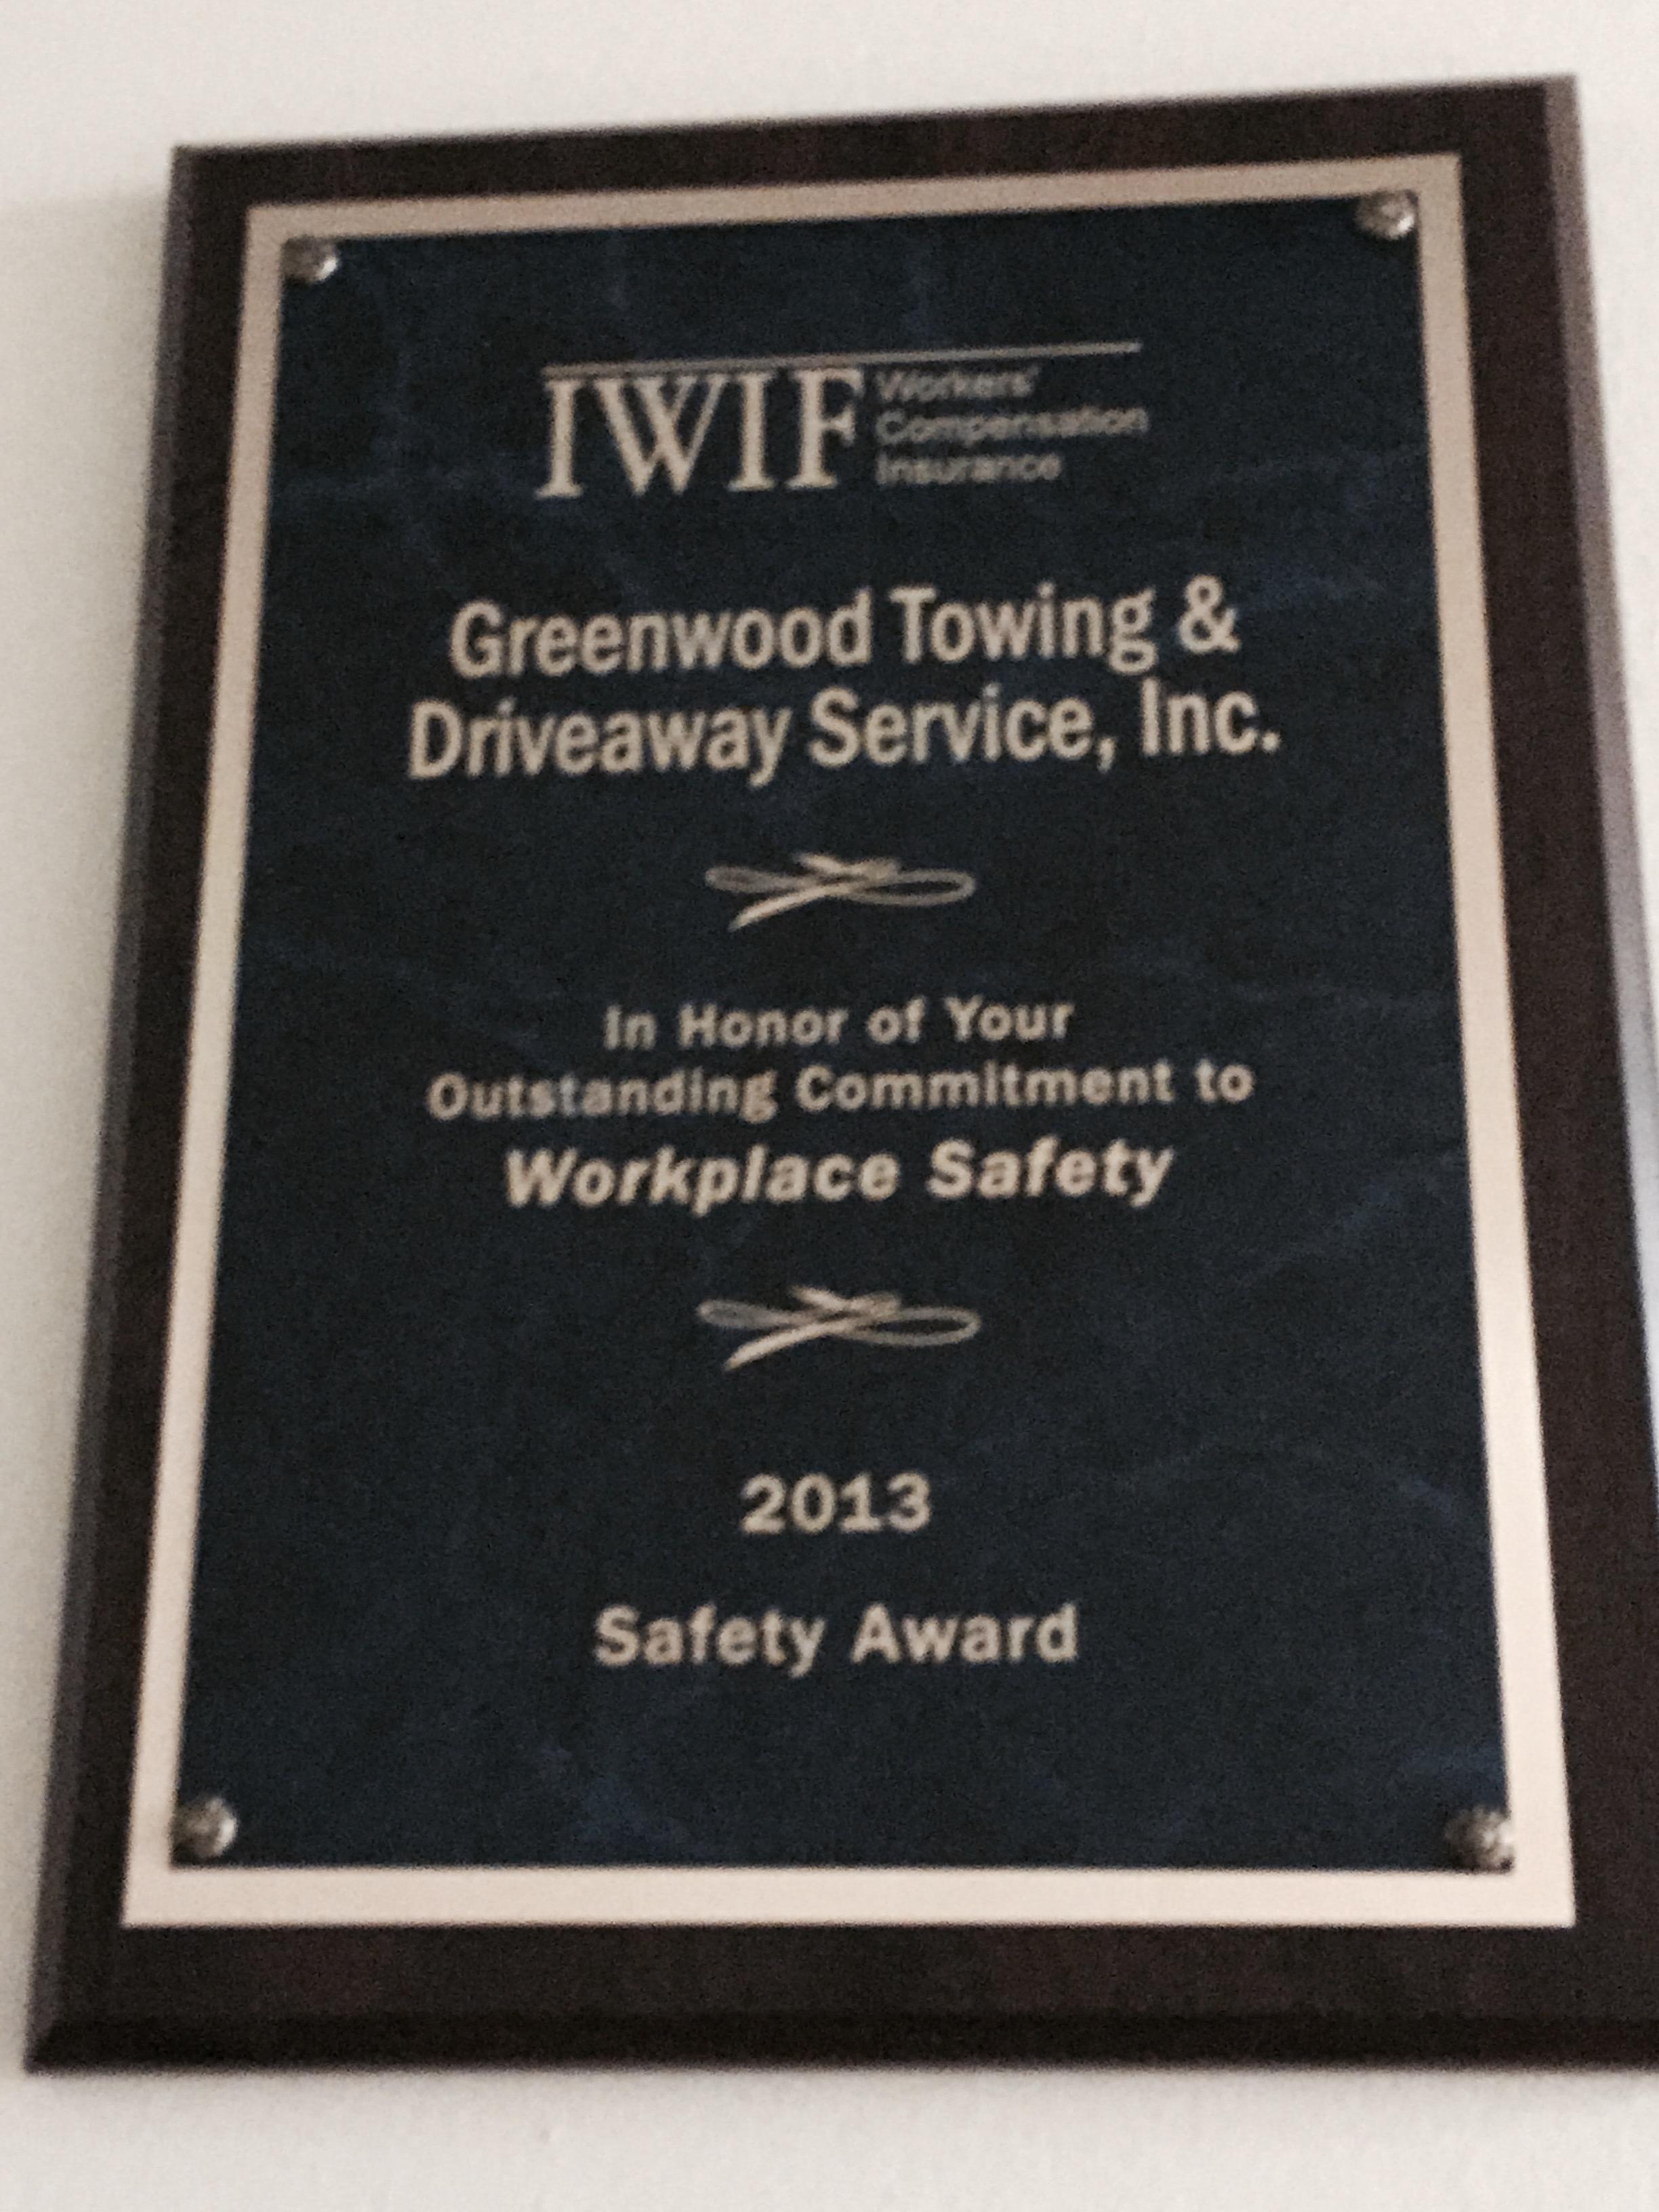 Greenwood Towing, Inc. image 1